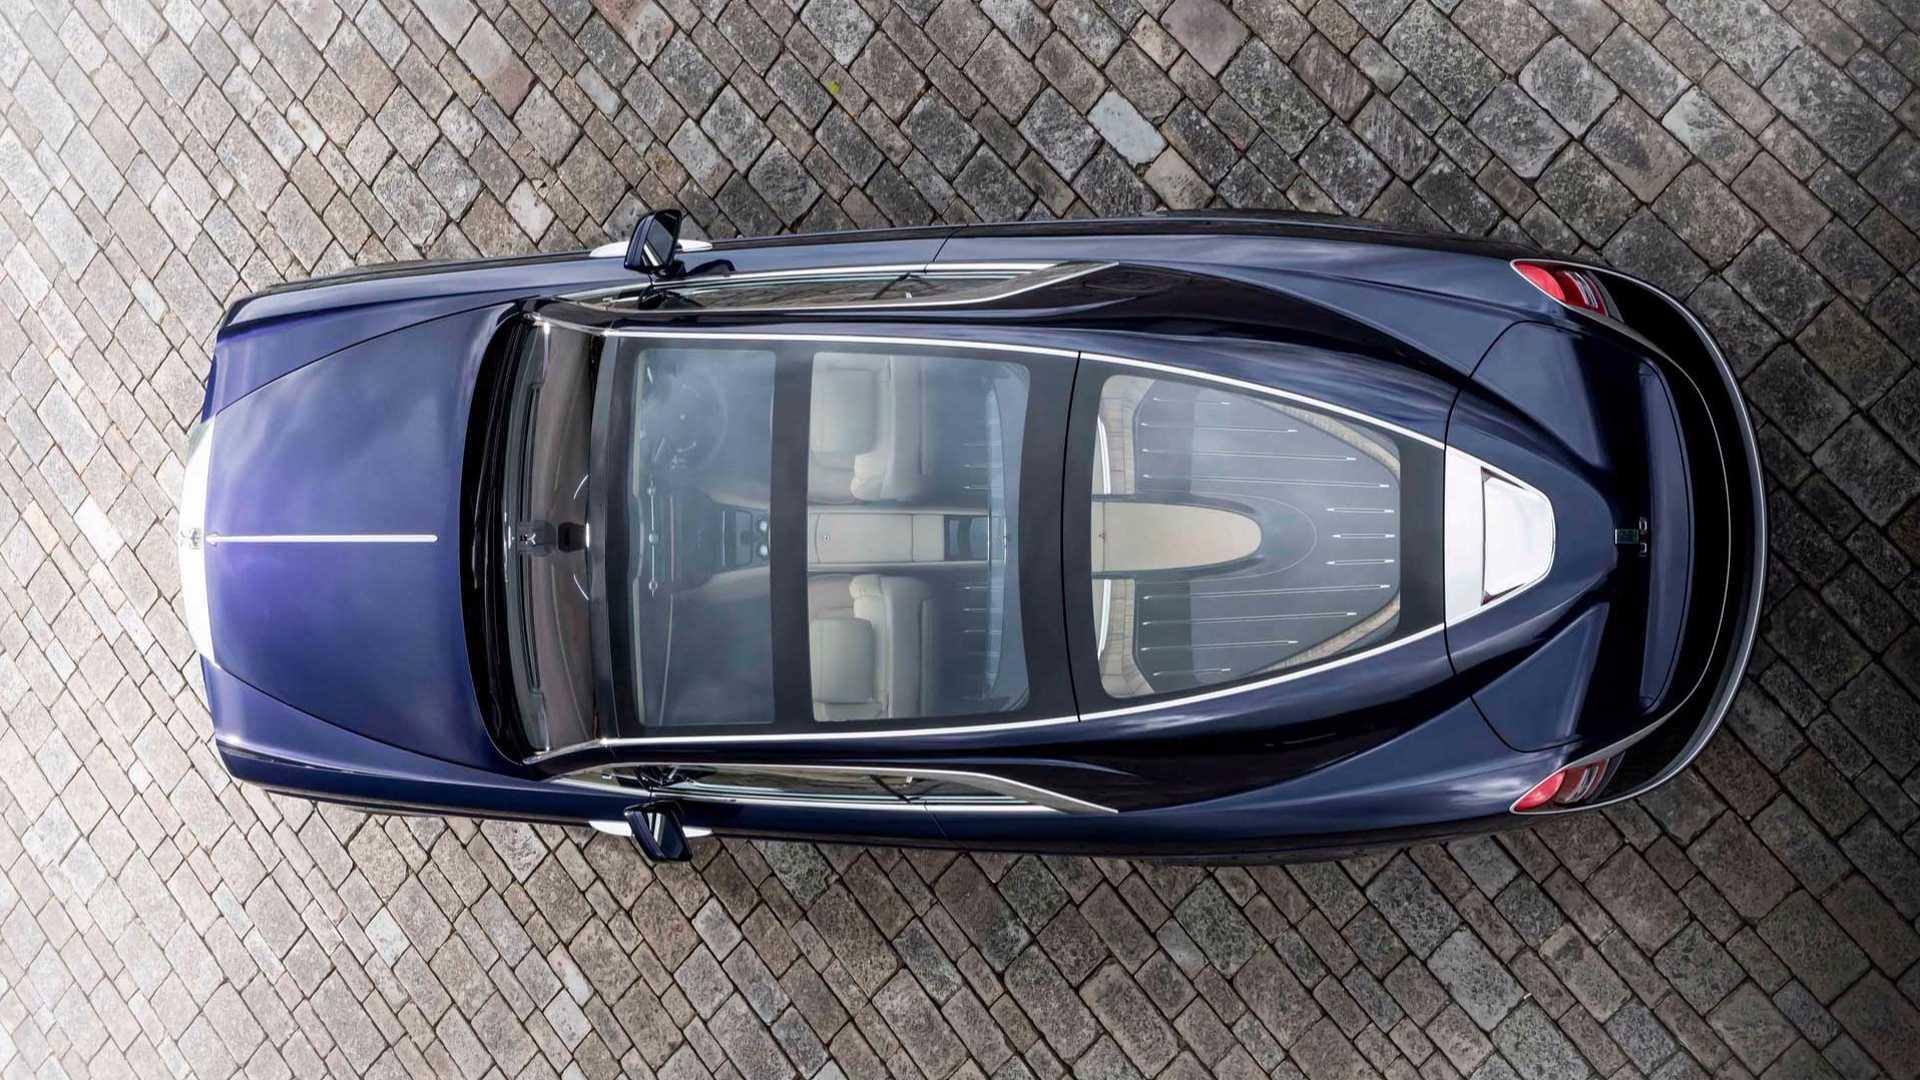 گرانقیمت ترین خودروی جهان + فیلم